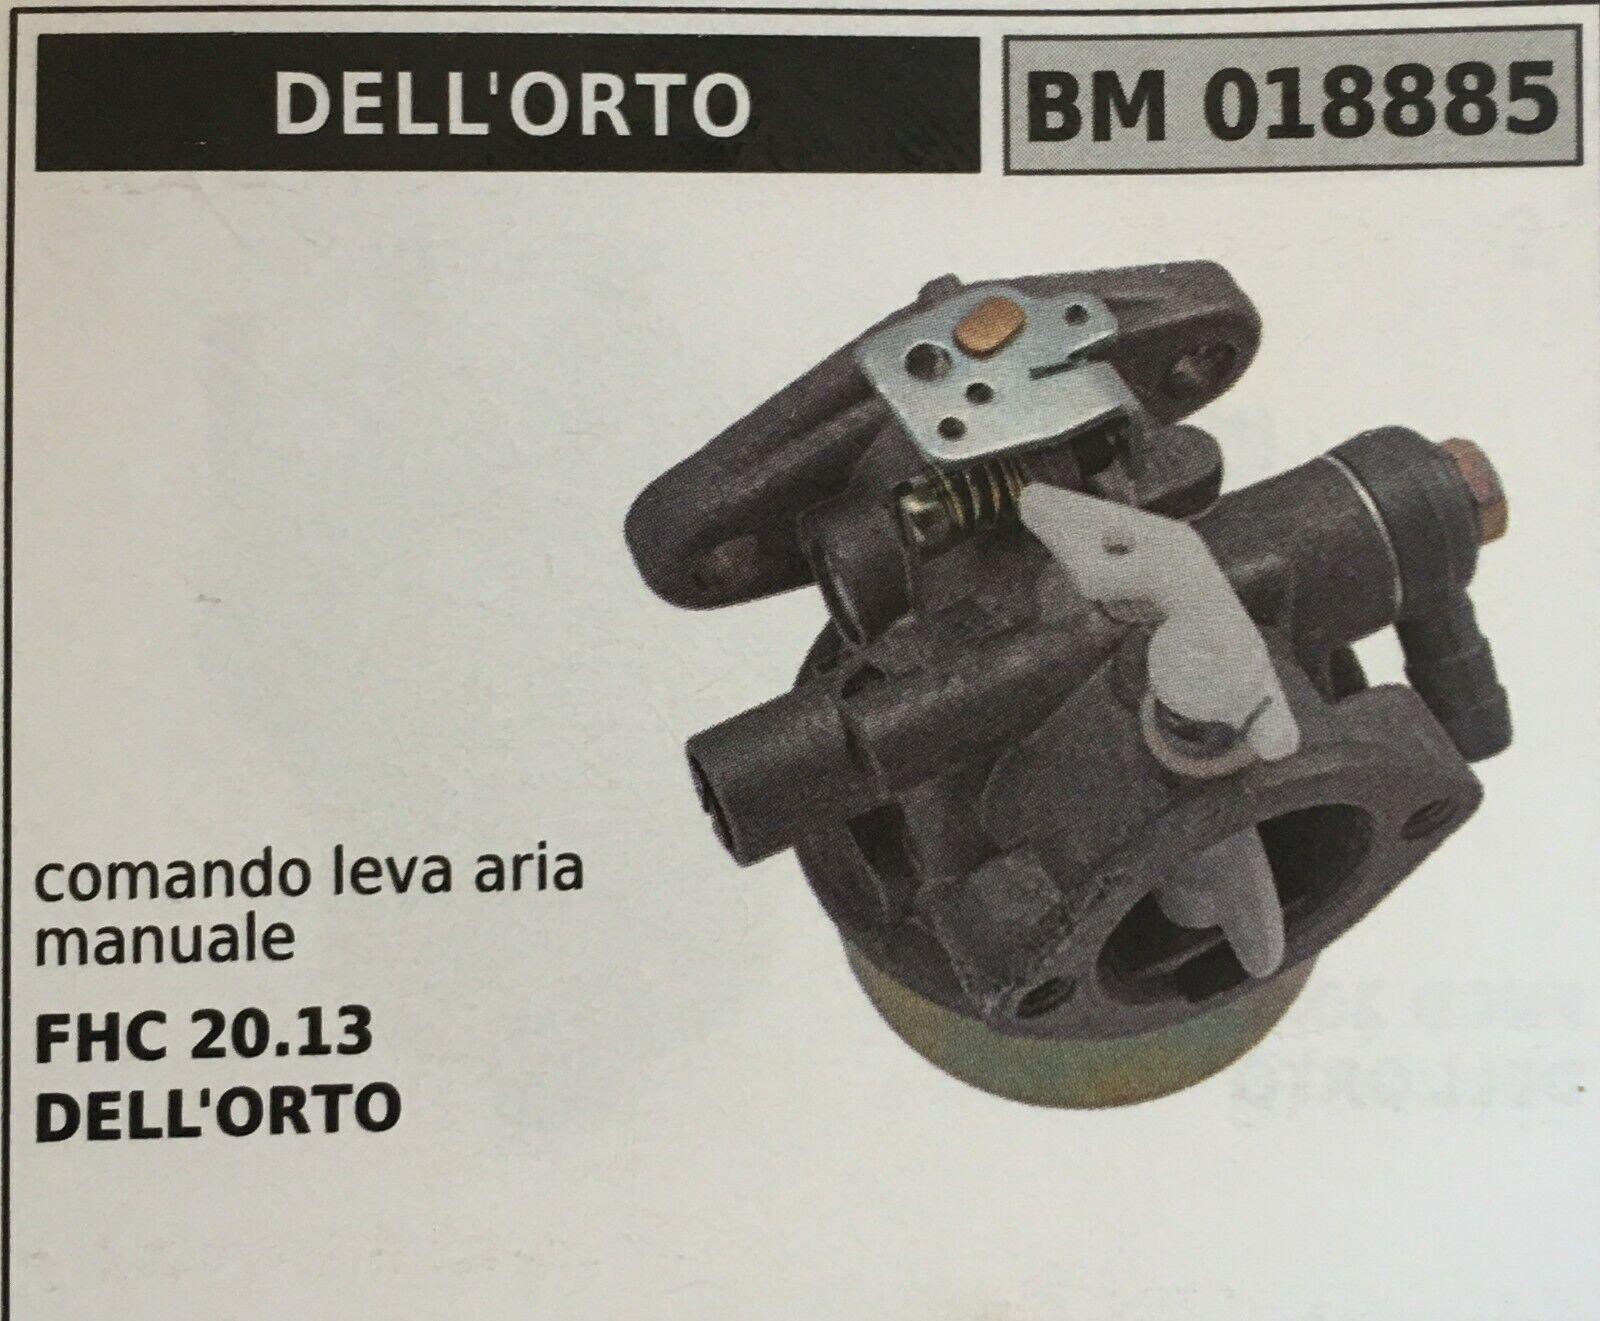 CocheBURATORE A VASCHETTA BRUMAR DELL'ORTO BM018885